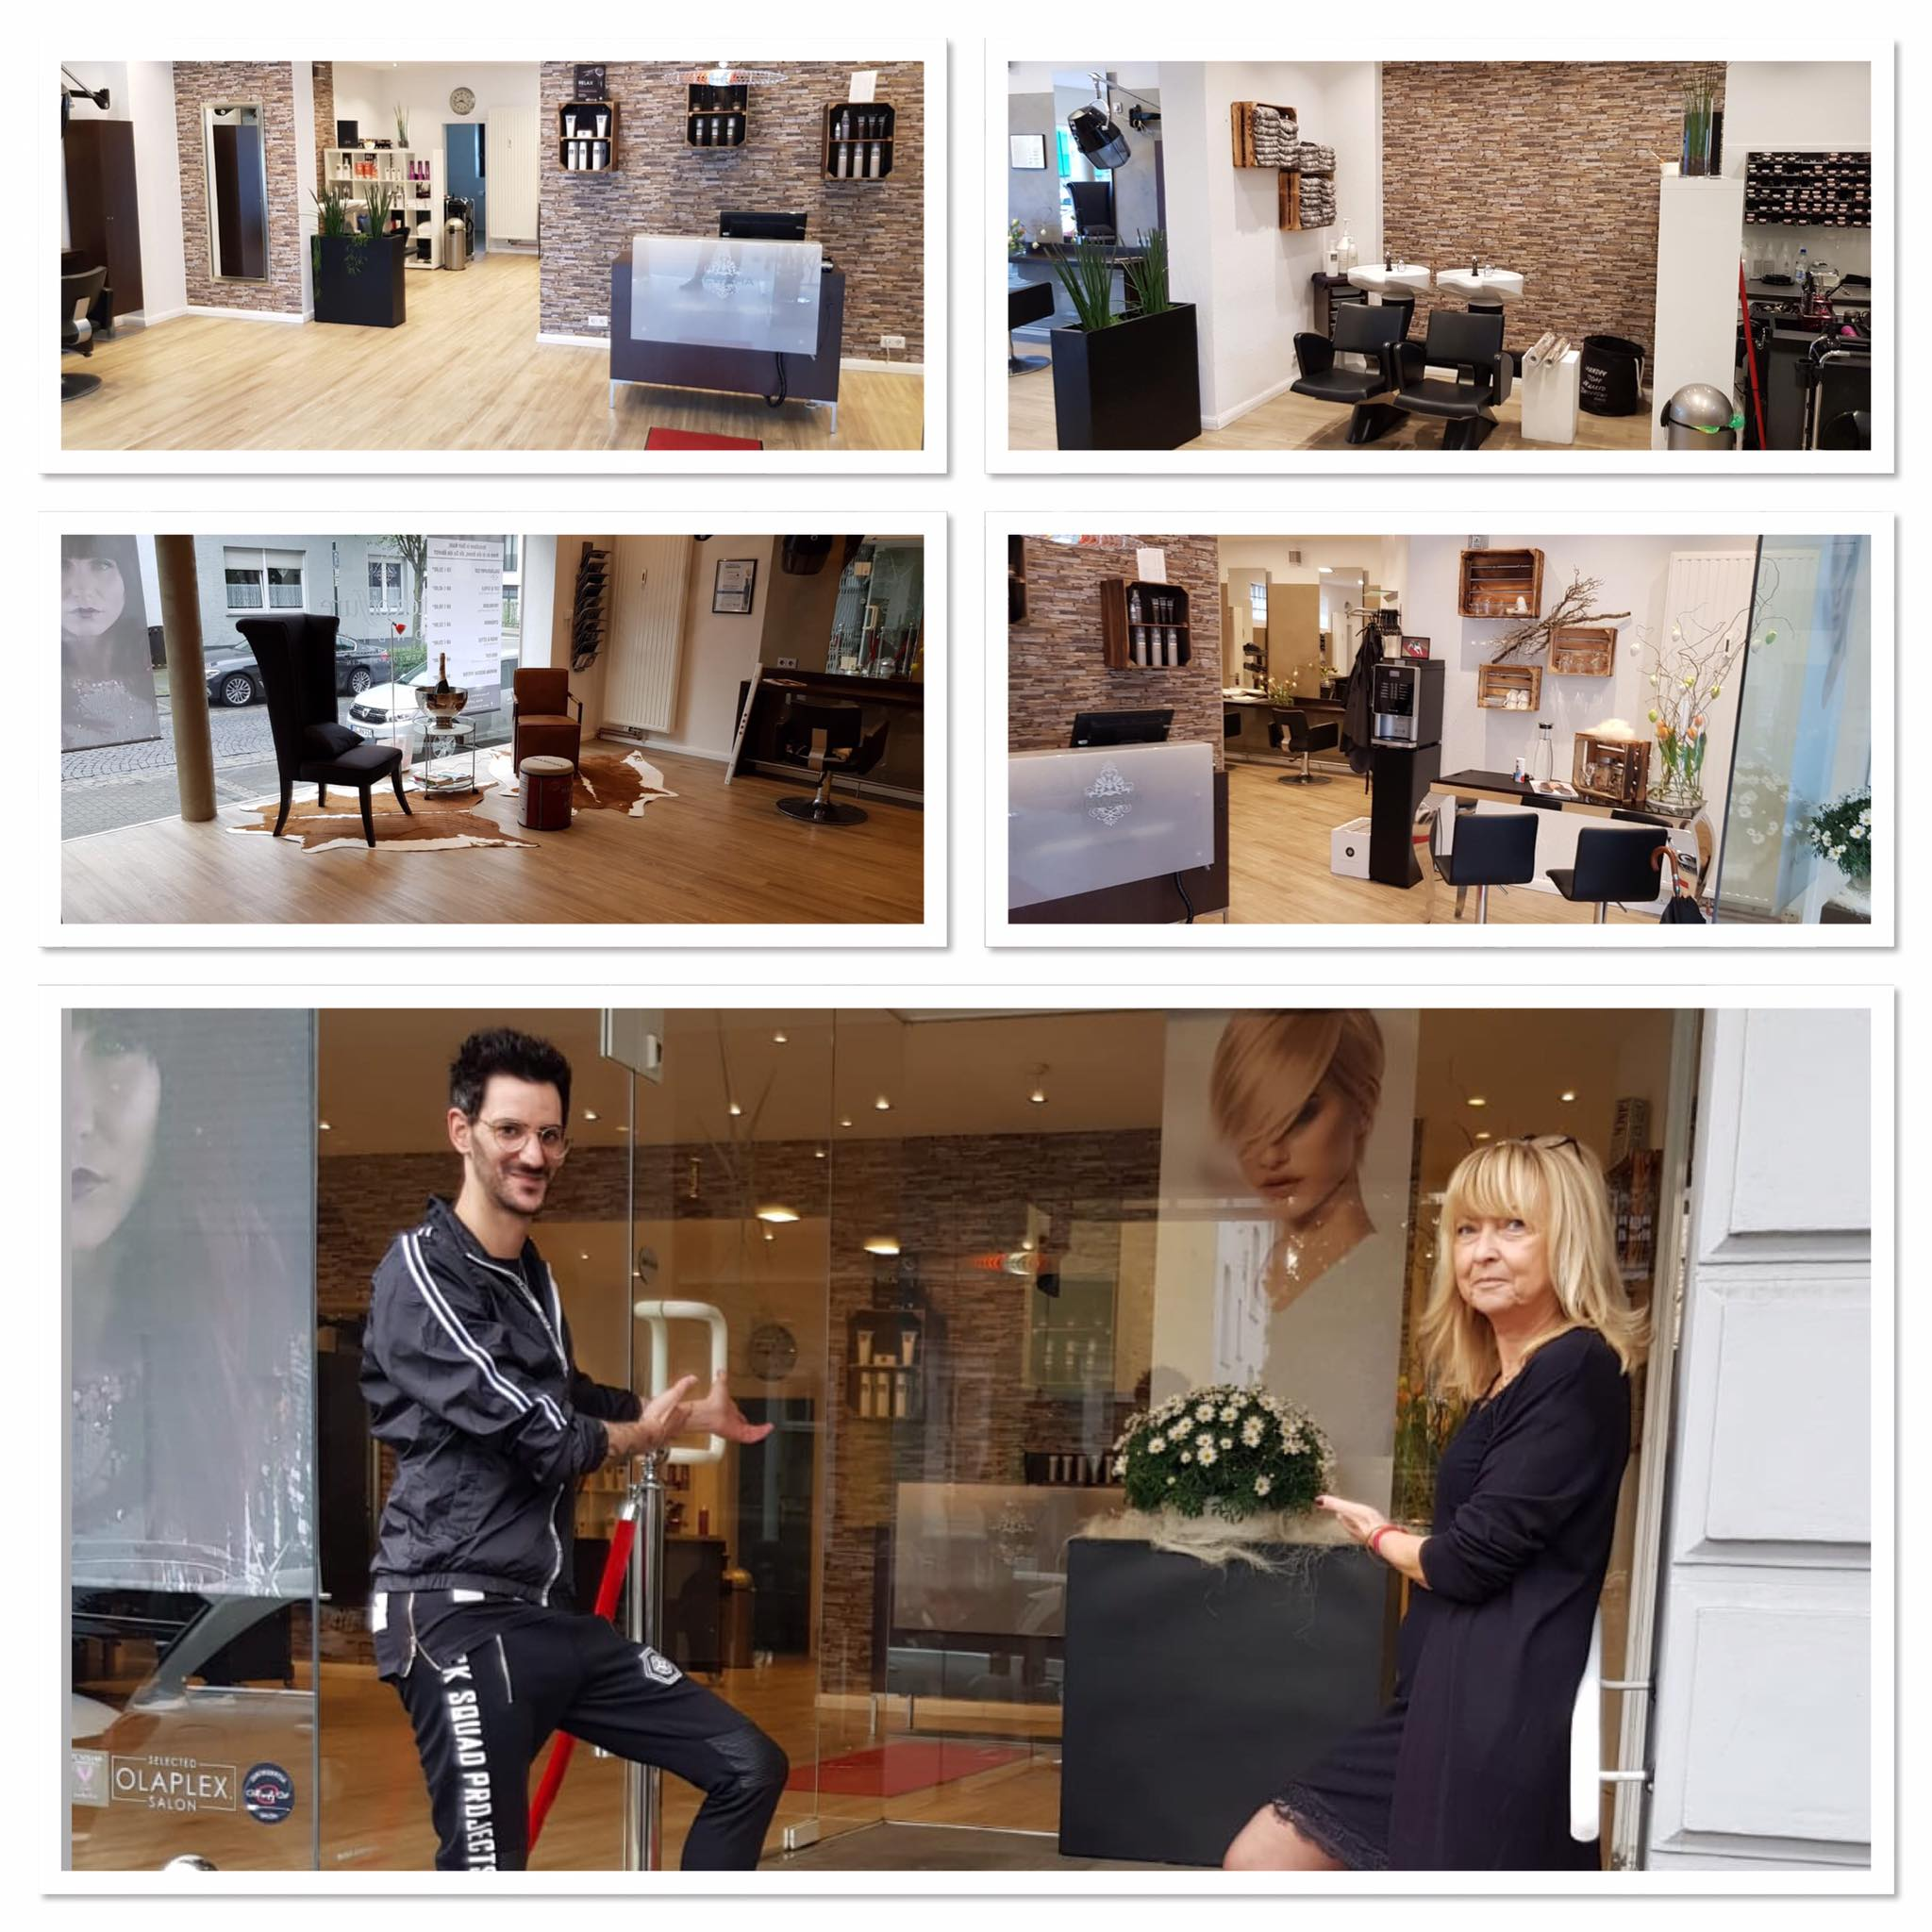 """Gratulation an Petra Peffer und Raffael Bianchi von """"Peffer & Bianchi Friseure"""" https://www.instagram.com/petrapeffer_intercoiffure/ aus Solingen/Ohligs zur fertigen Salonmodernisierung👍Es ist sehr schön geworden und ich wünsche beiden Inhabern und dem ganzen Team viel Erfolg🍀Das Feedback der Kunden ist sehr positiv! Täglich neue News und Infos findet Ihr auch auf meiner Instagram Page https://www.instagram.com/kukuck_marketingberater/"""